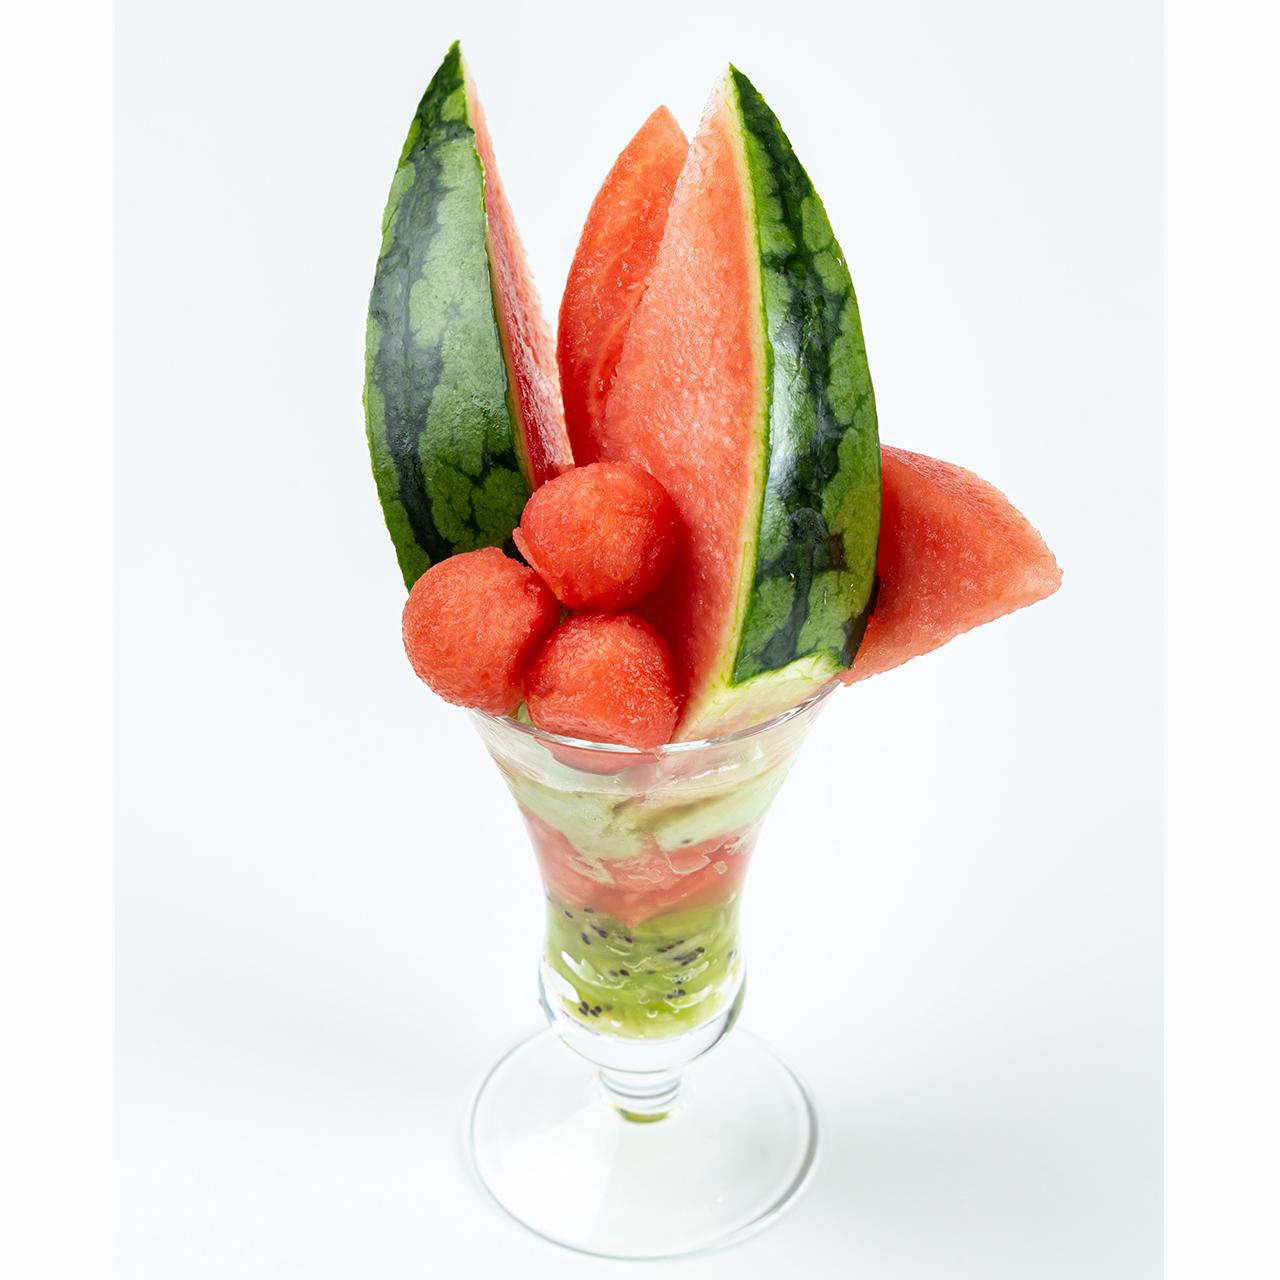 フルーツピークス(fruitspeaks)の「薮塚(やぶづか)こだま西瓜(すいか)のパフェ」